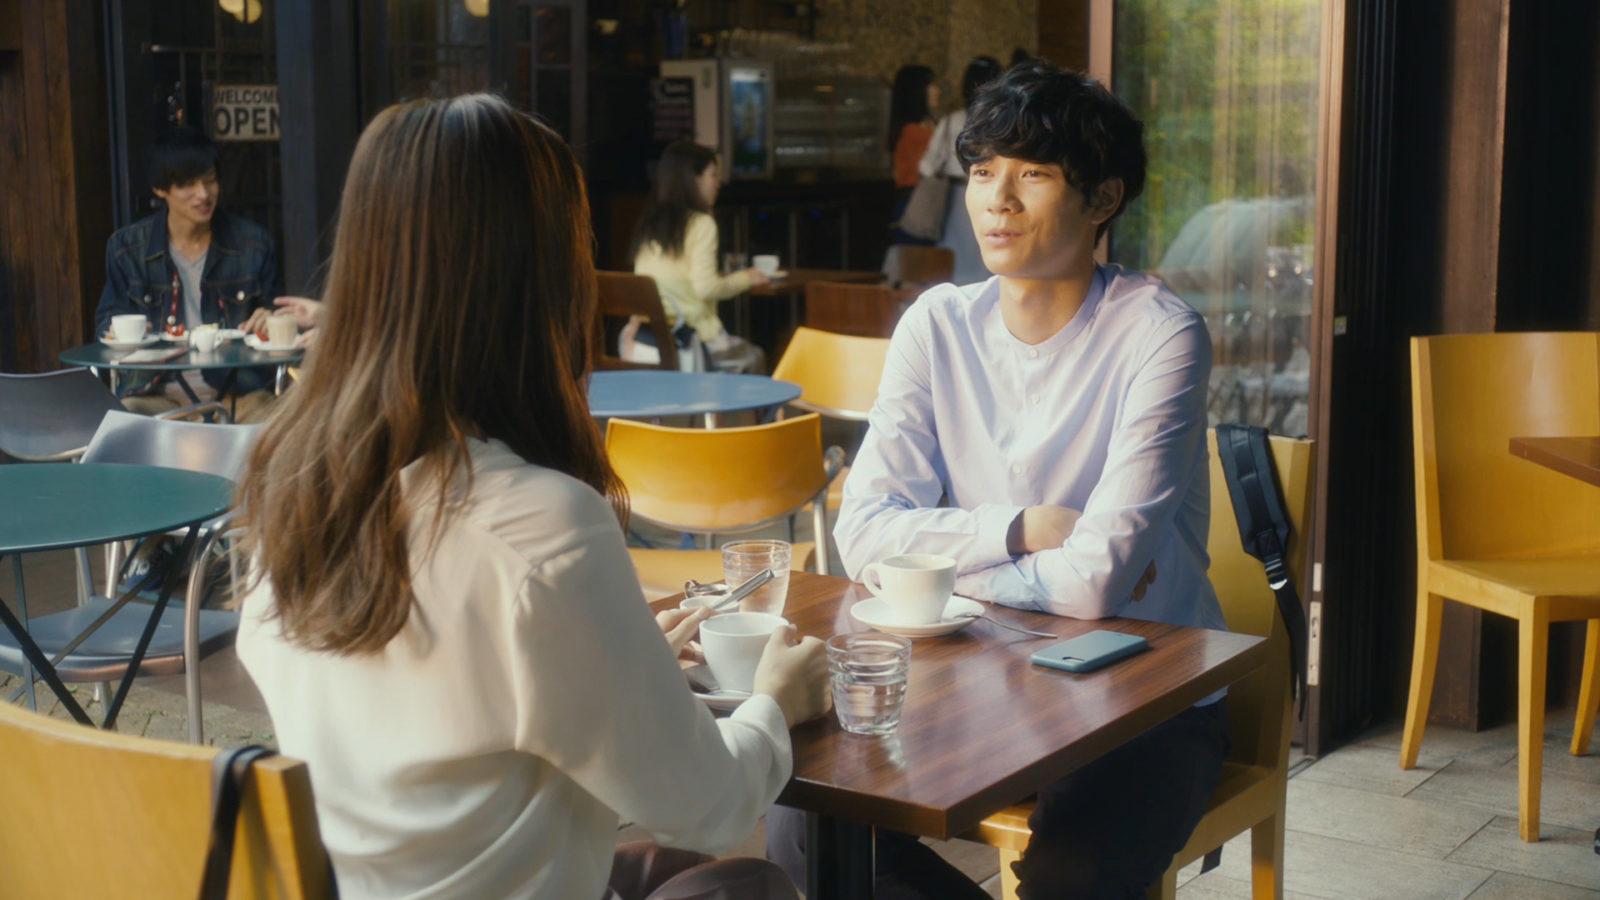 新木優子&清原翔 注目の「non-no」コラボが初共演で「恋人未満」関係画像42788